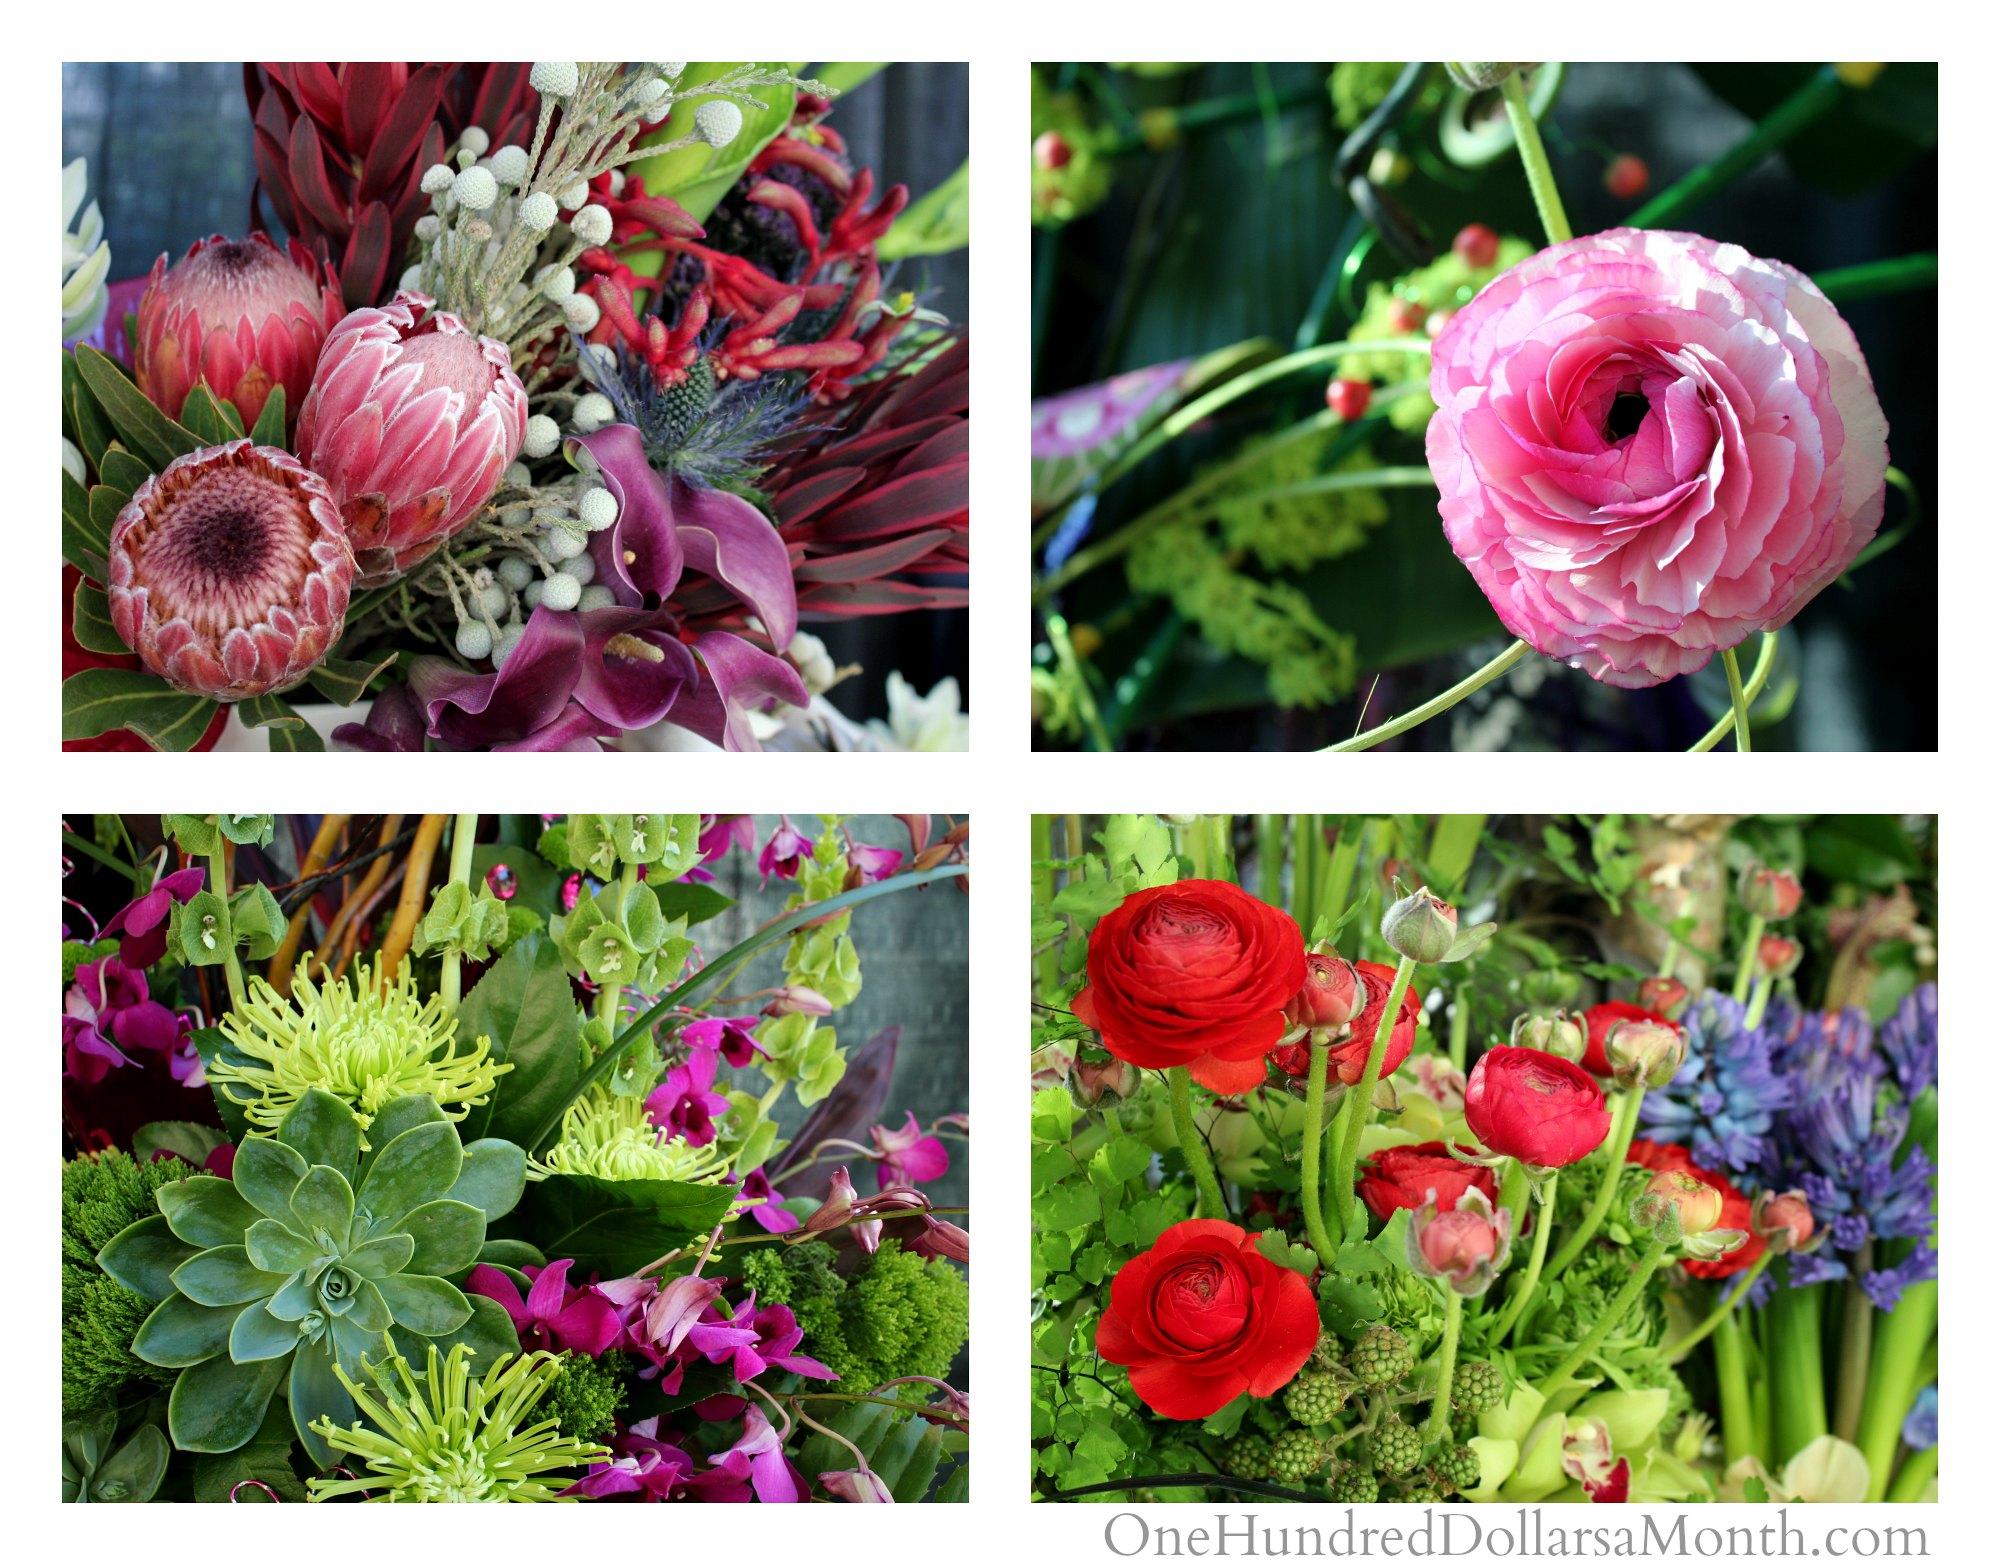 Garden Inspiration From the Northwest Flower and Garden Show